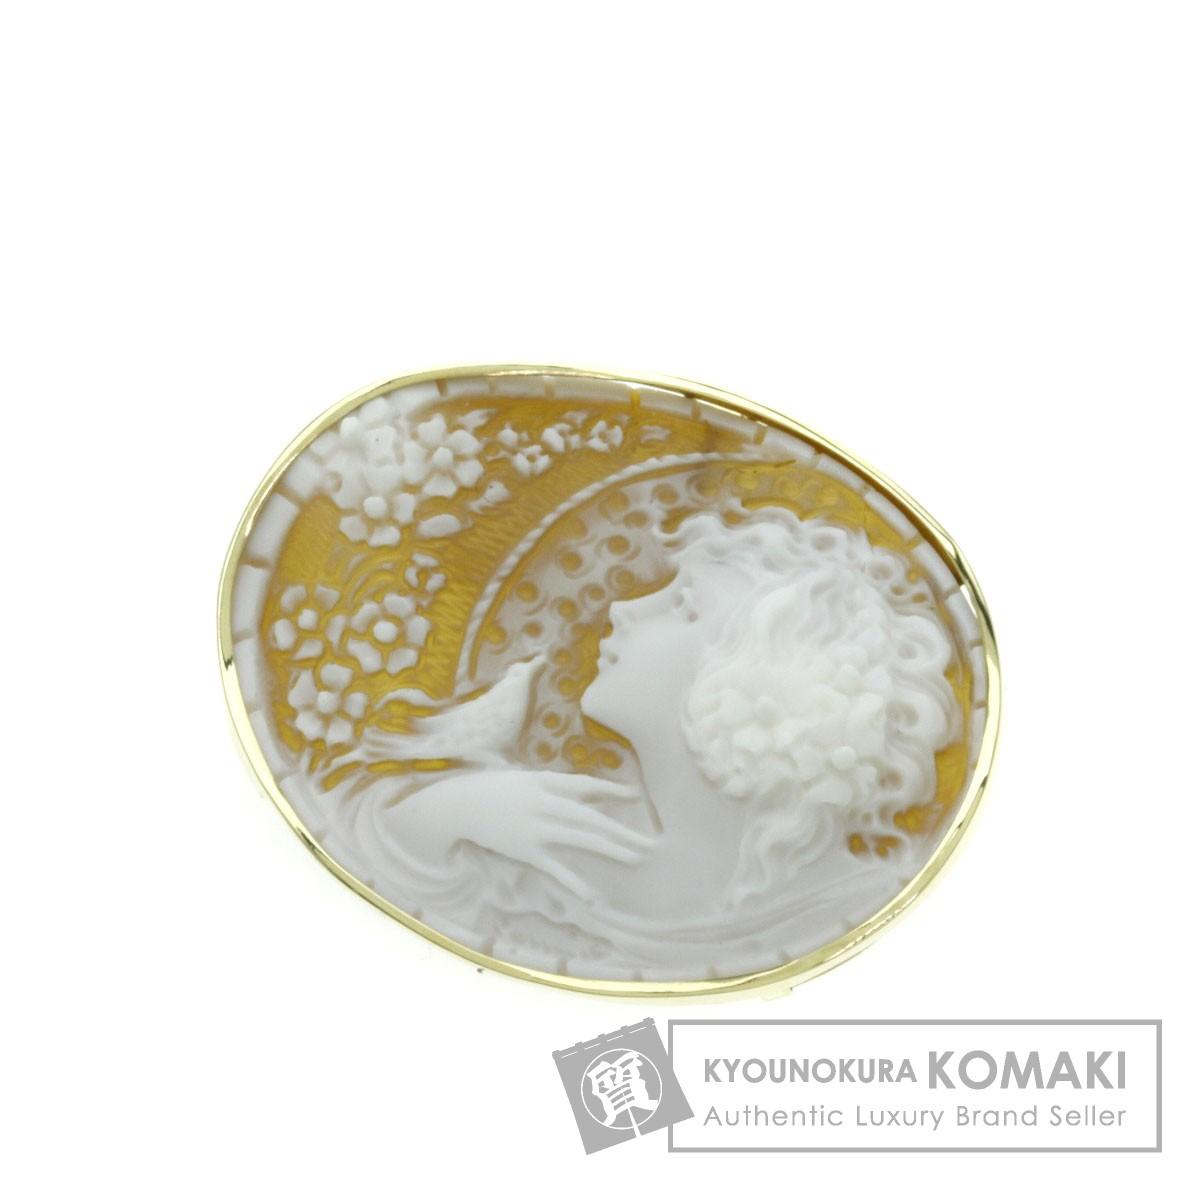 シェルカメオ/ペンダント ブローチ K18イエローゴールド 8.5g レディース 【中古】